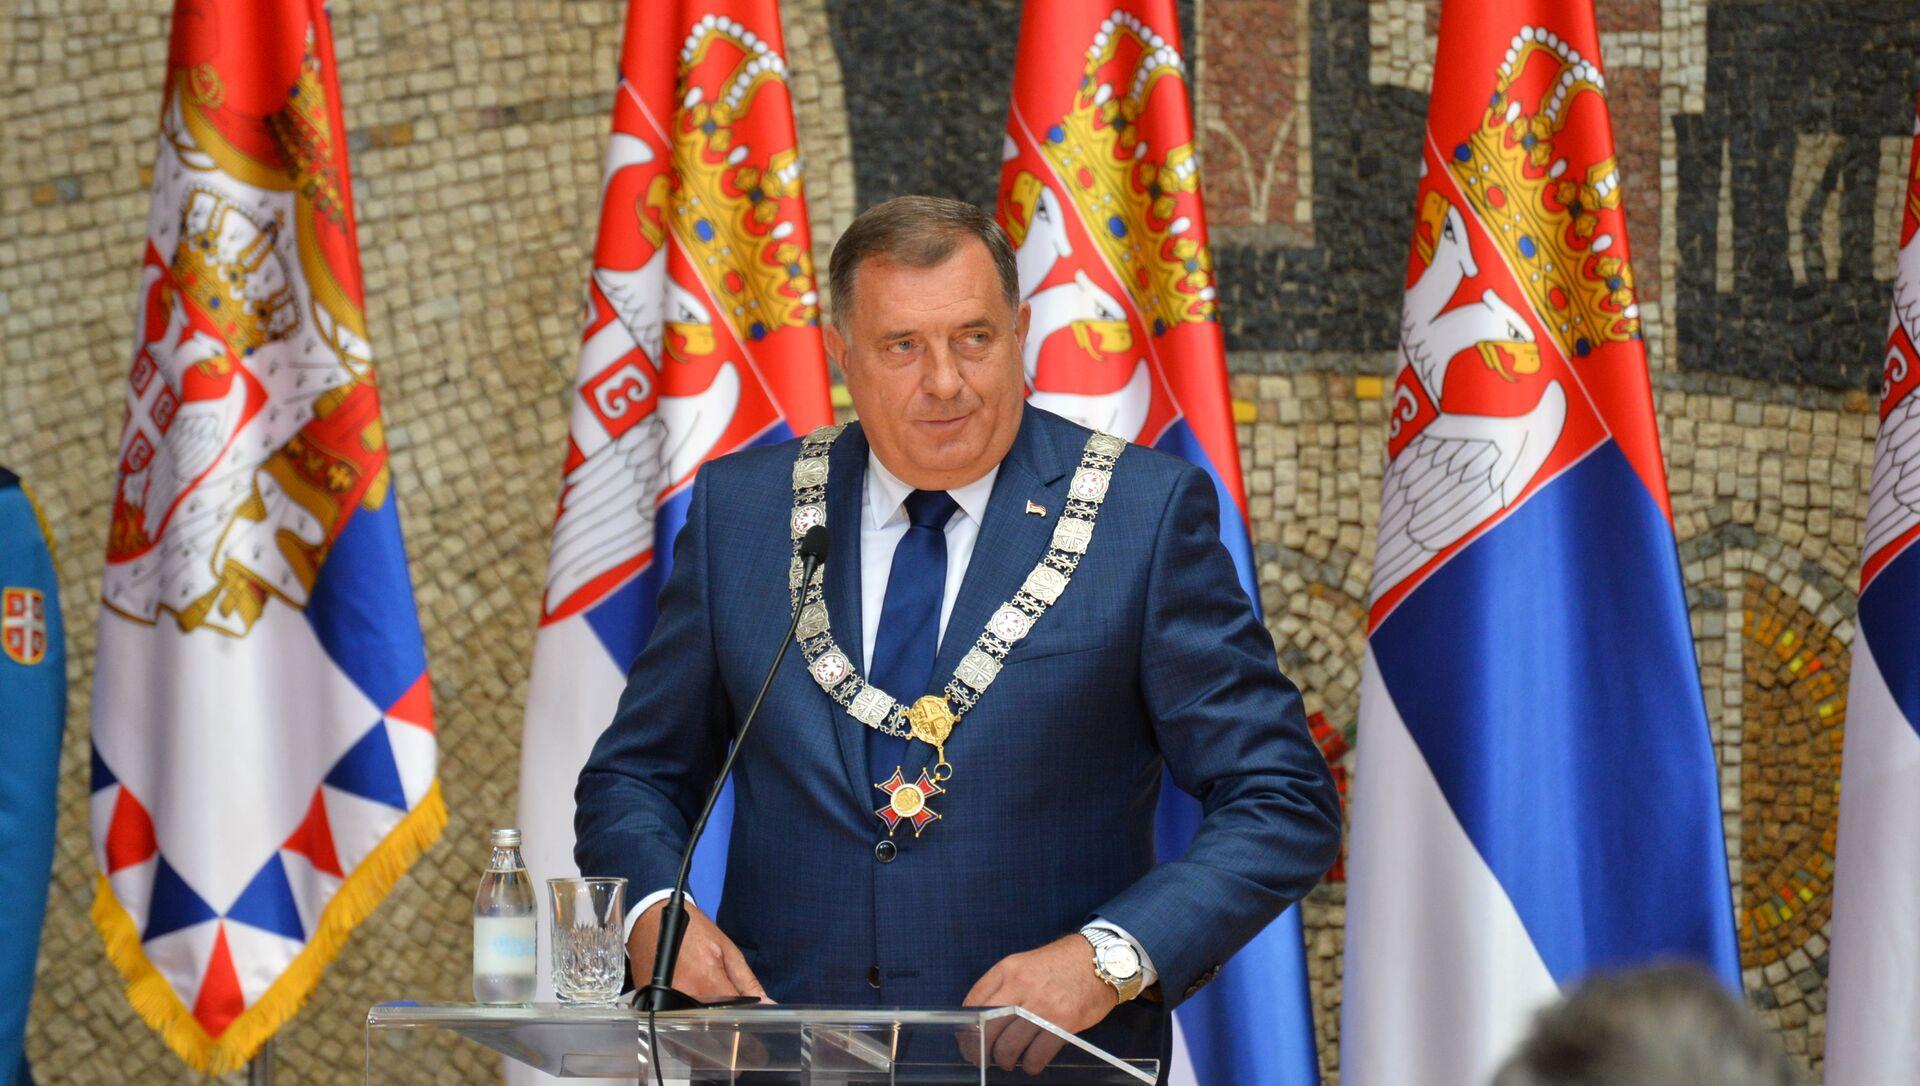 Milorad Dodik odlikovan ordenom Republike Srbije na velikoj ogrlici - Sputnik Srbija, 1920, 29.06.2021